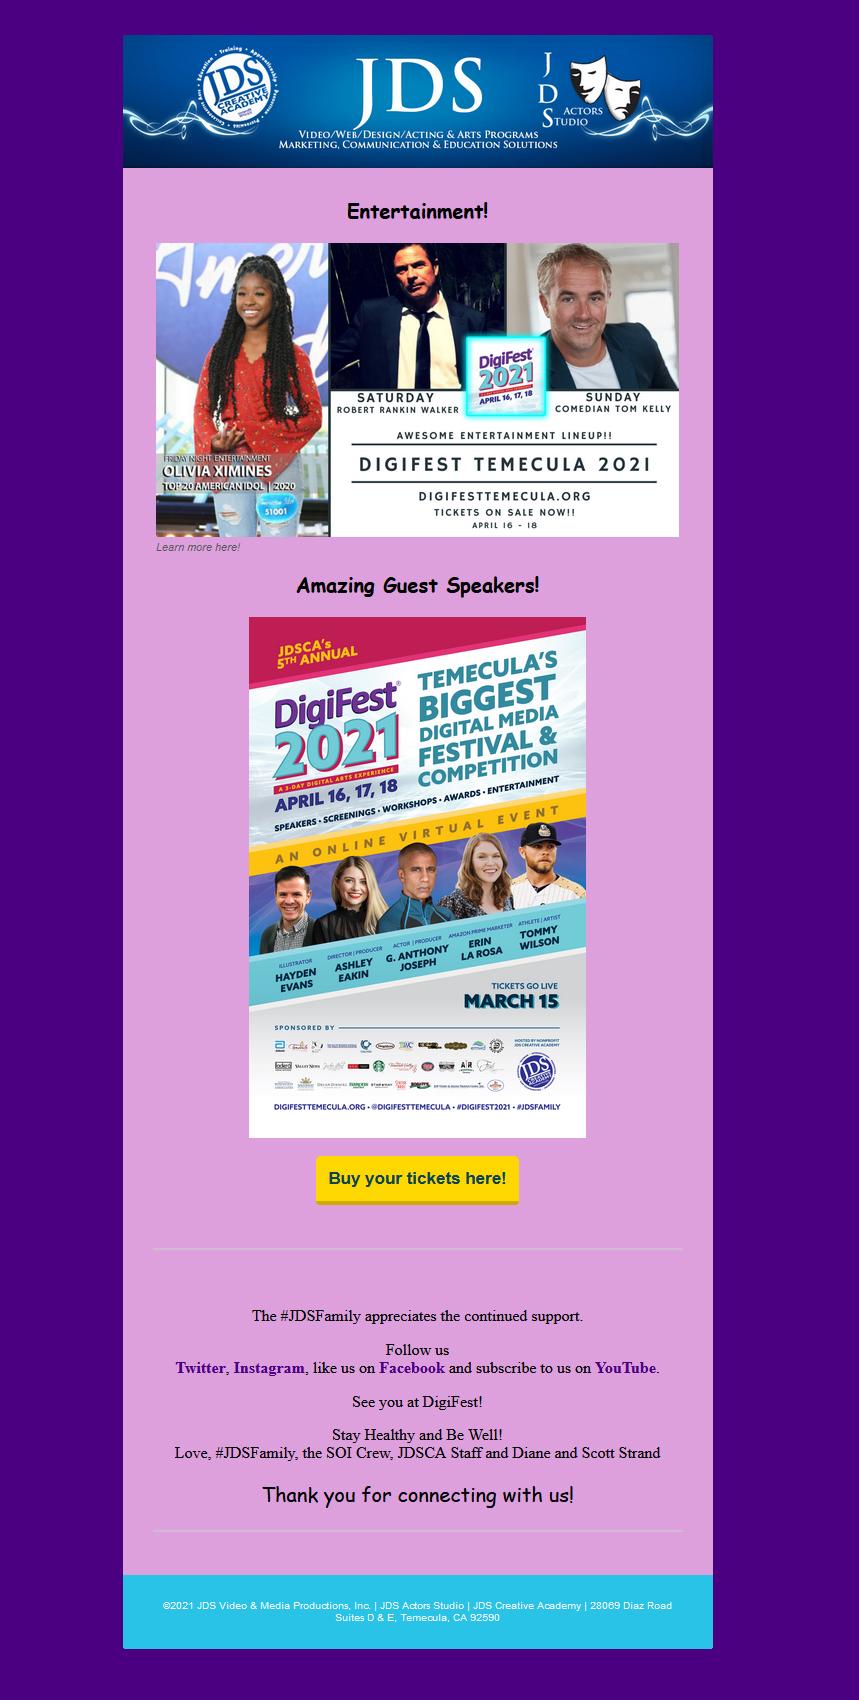 DigiFest 2021